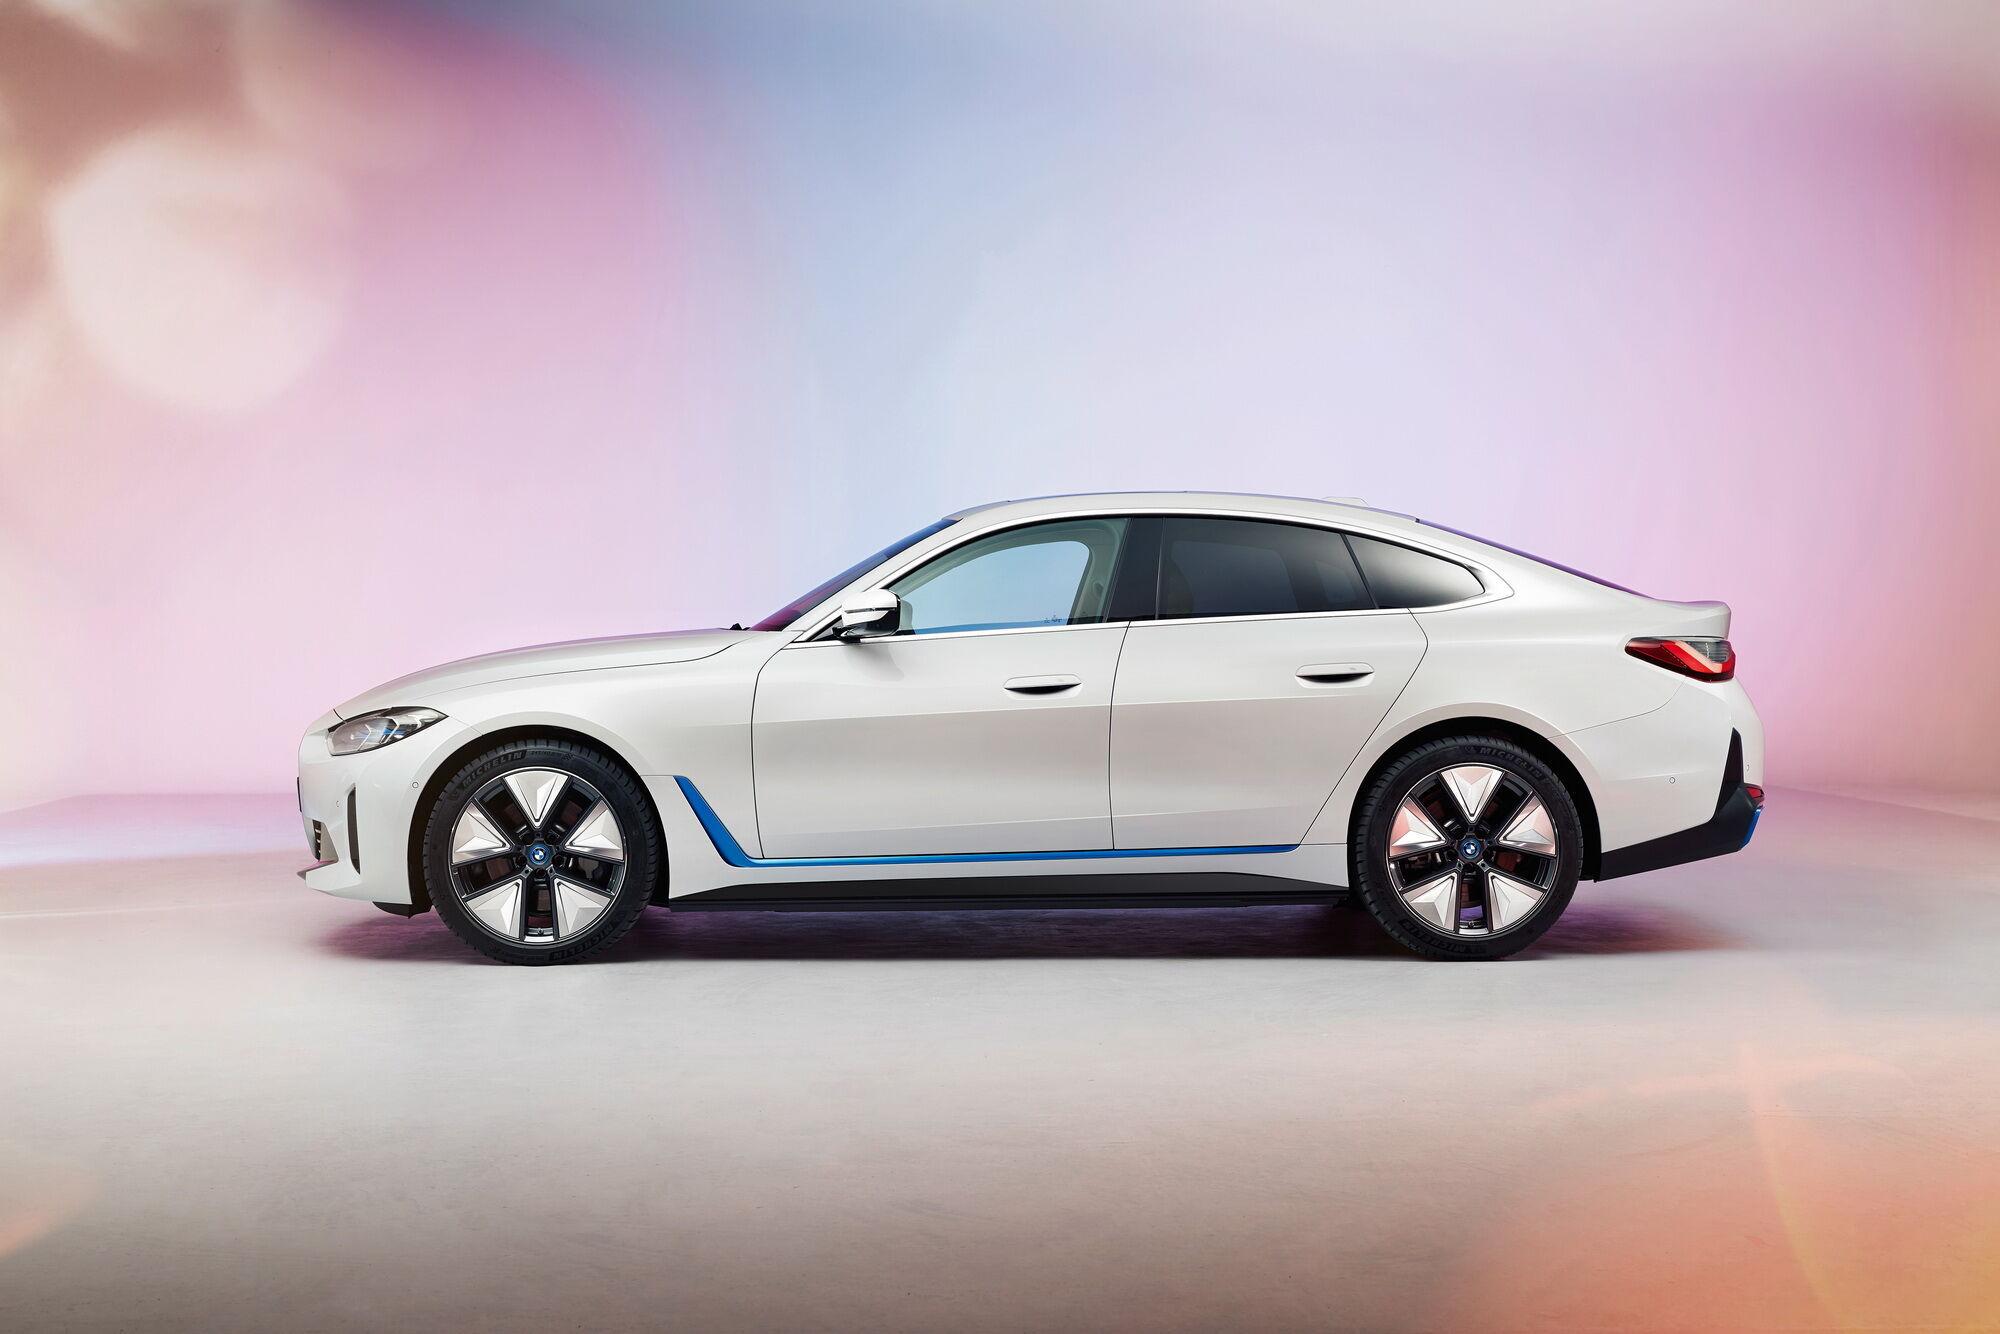 В зависимости от модификации электромобиль сможет преодолевать на одной зарядке аккумулятора от 300 миль (EPA) до 590 км (WLTP)